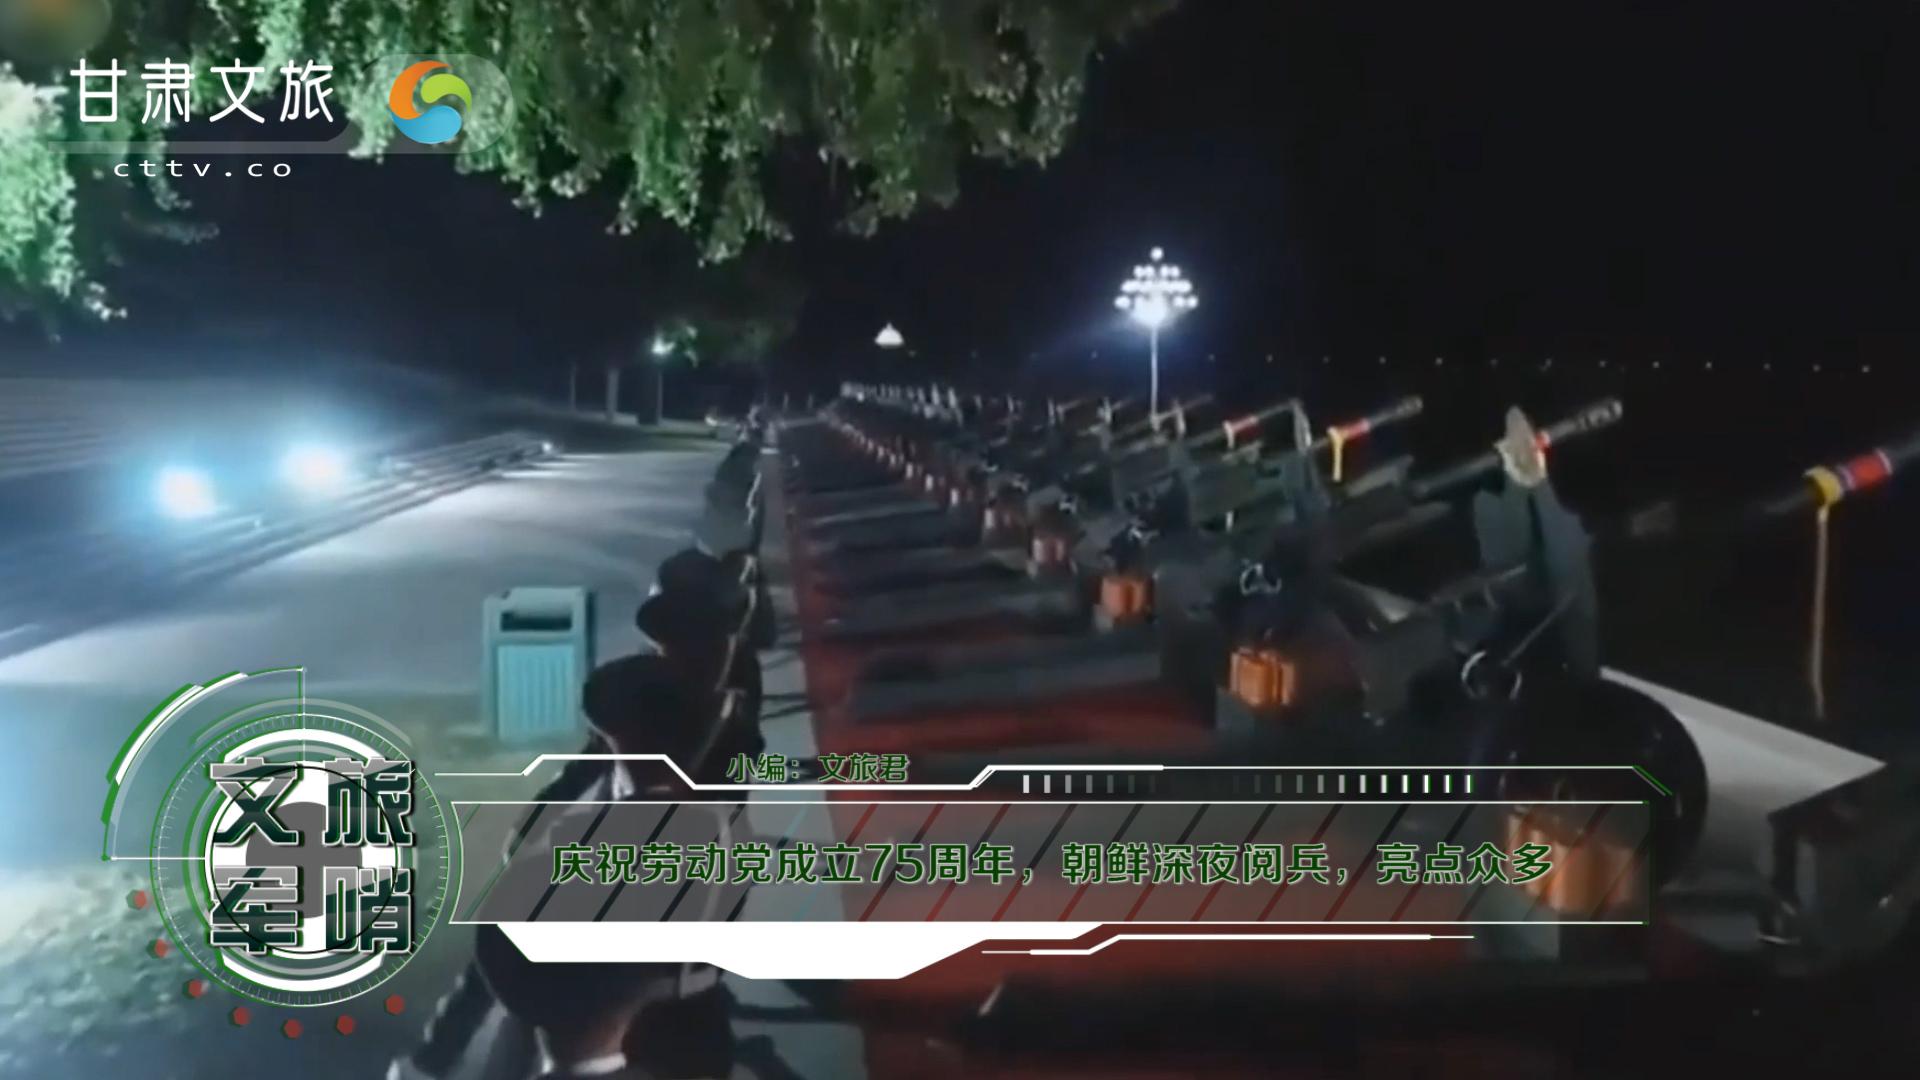 庆祝劳动党成立75周年,朝鲜深夜阅兵,亮点众多